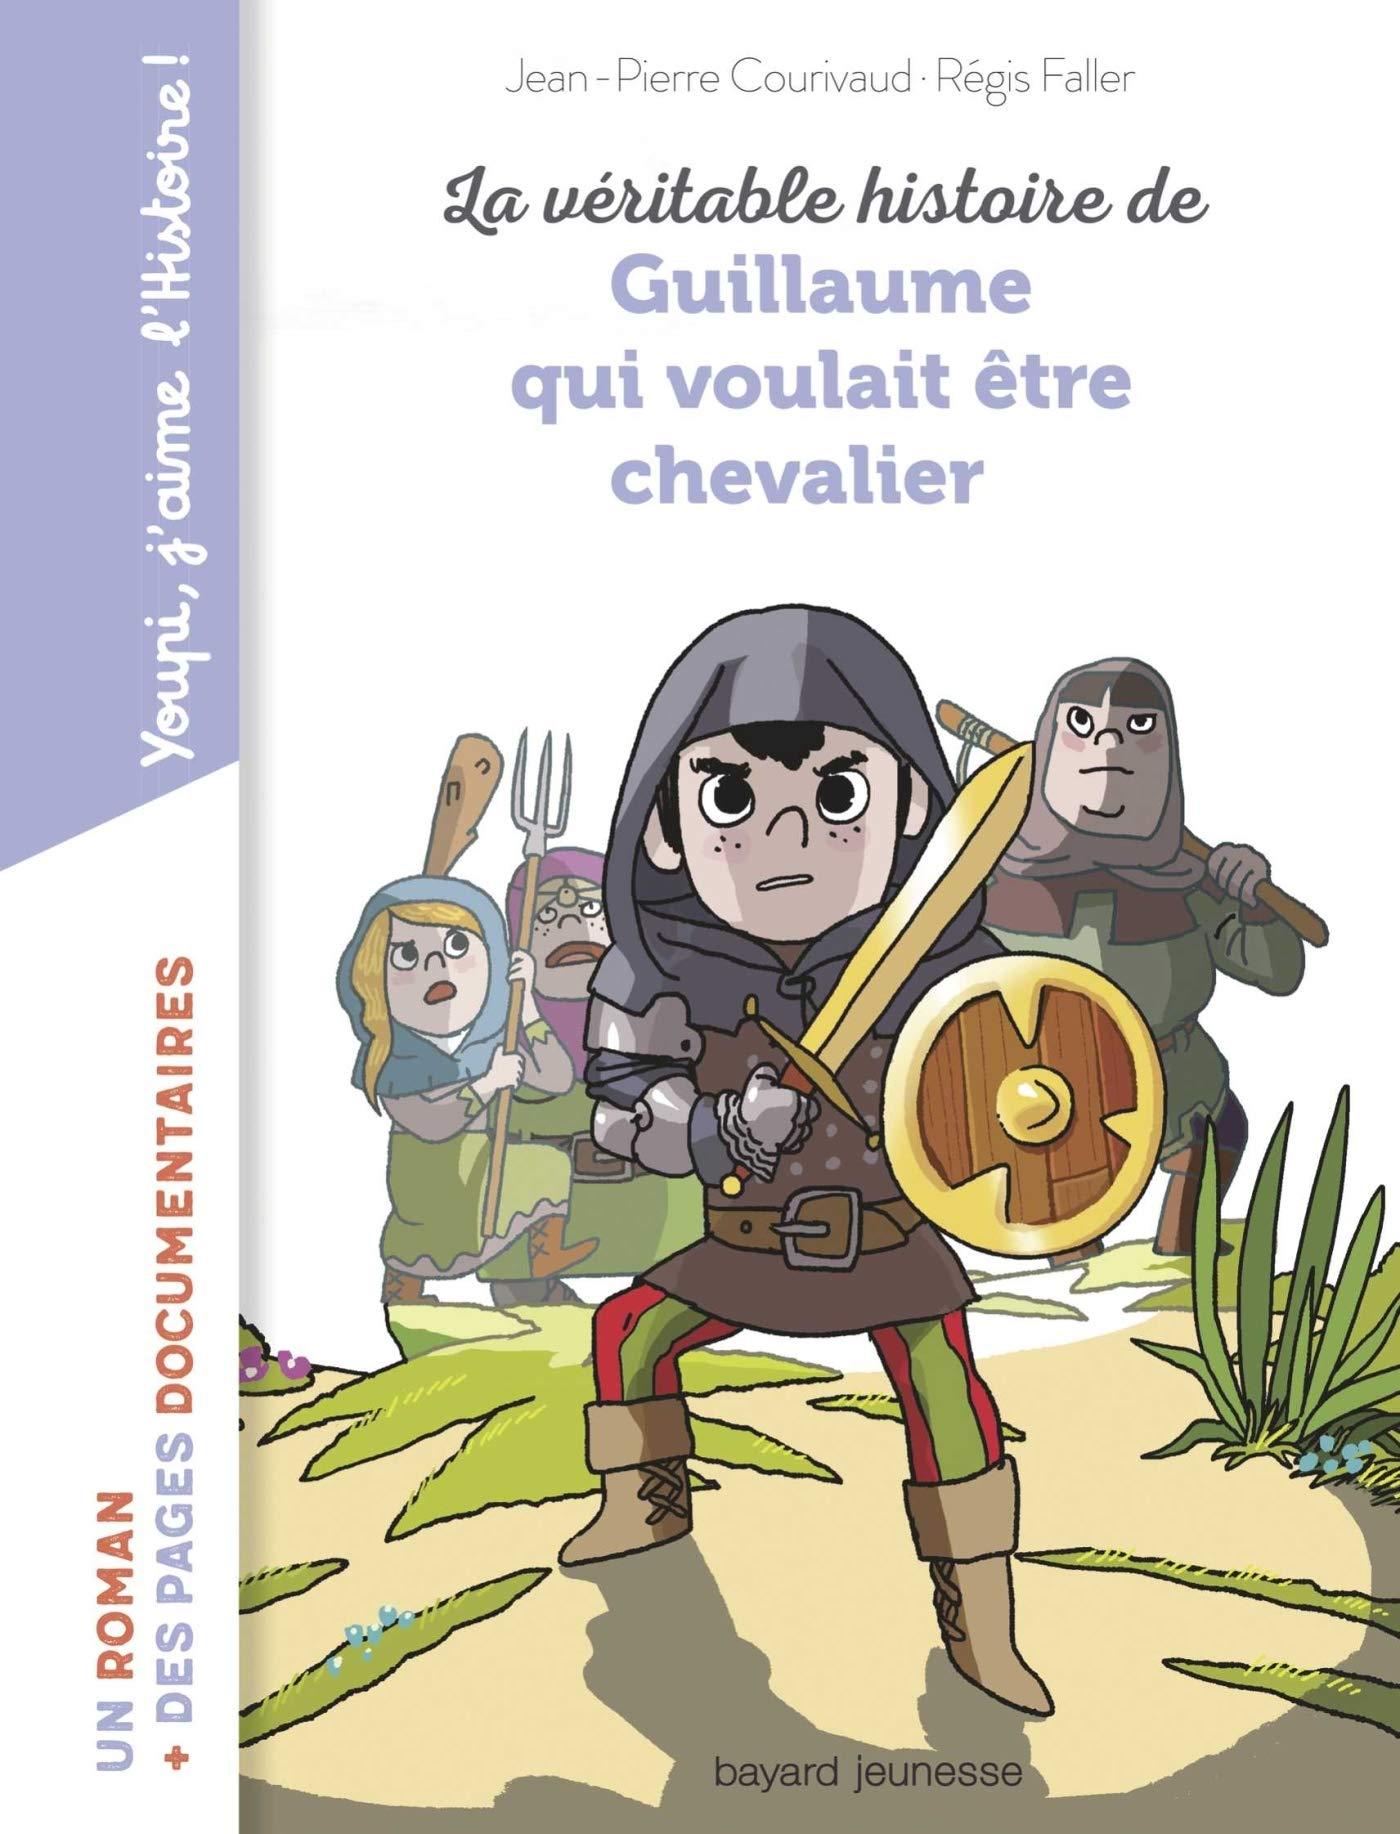 La véritable histoire de Guillaume qui voulait être chevalier ...